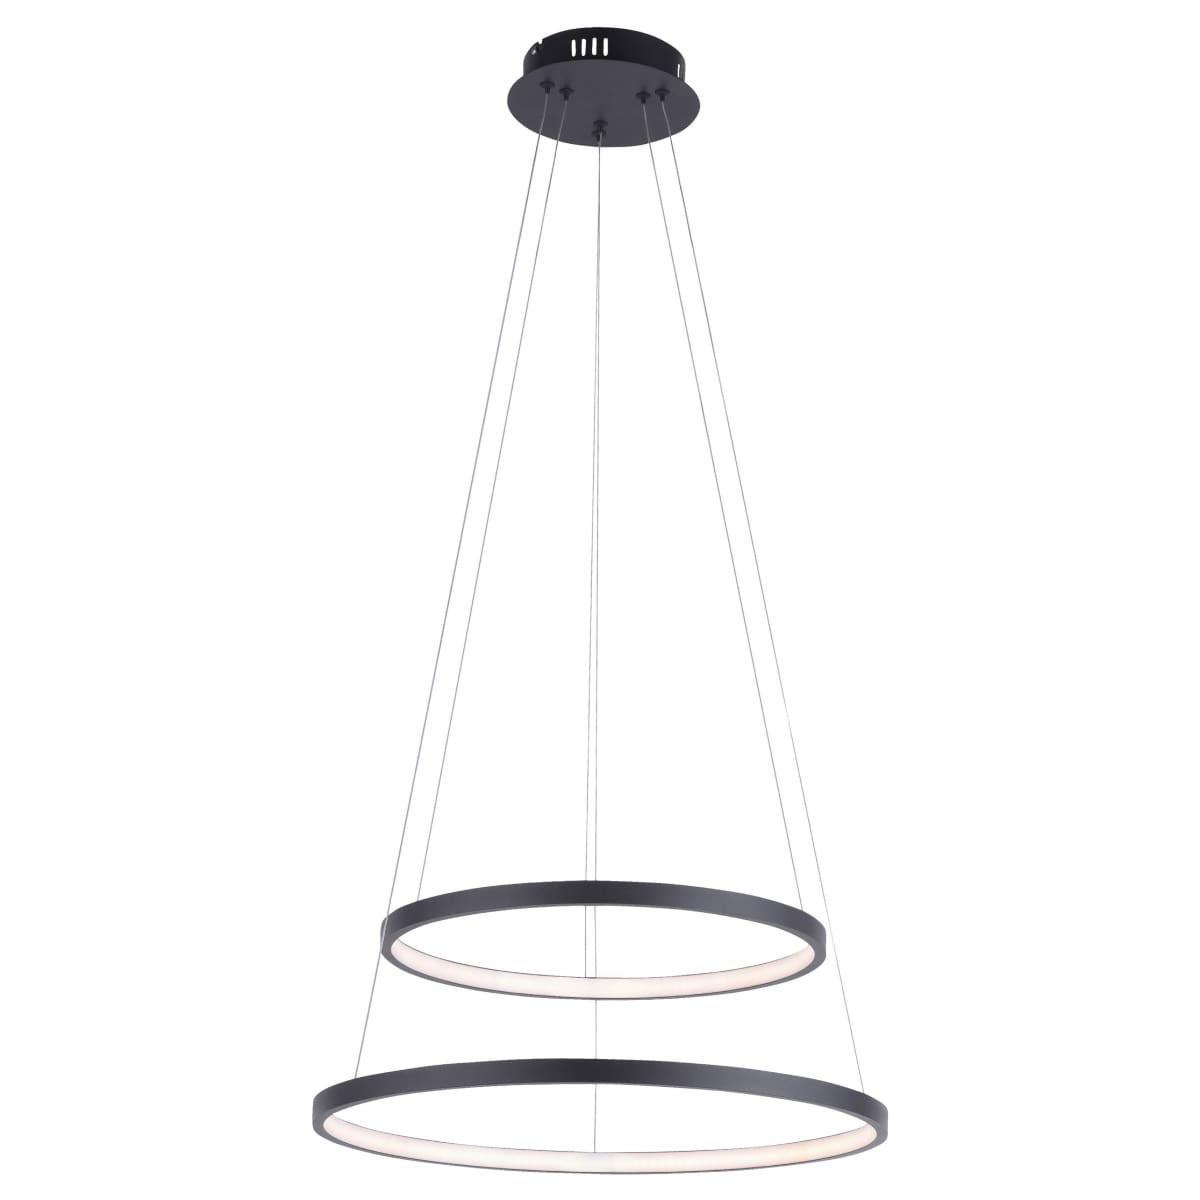 Hanglamp Circle Mat Zwart Led incl. Dimmer 50cm Ø